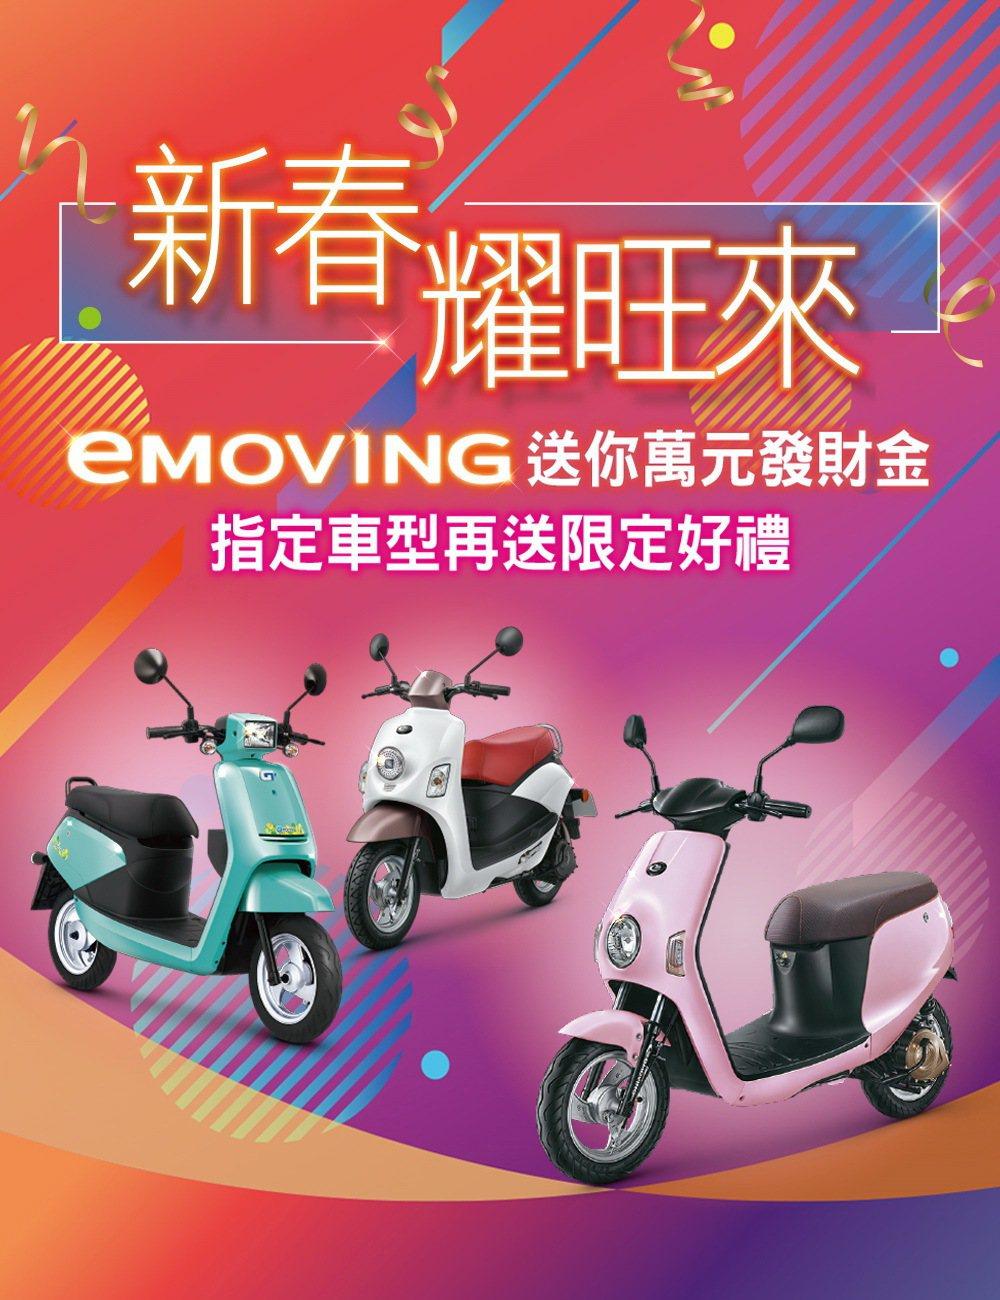 eMOVING全車系新春送萬元發財金。 圖/中華汽車提供